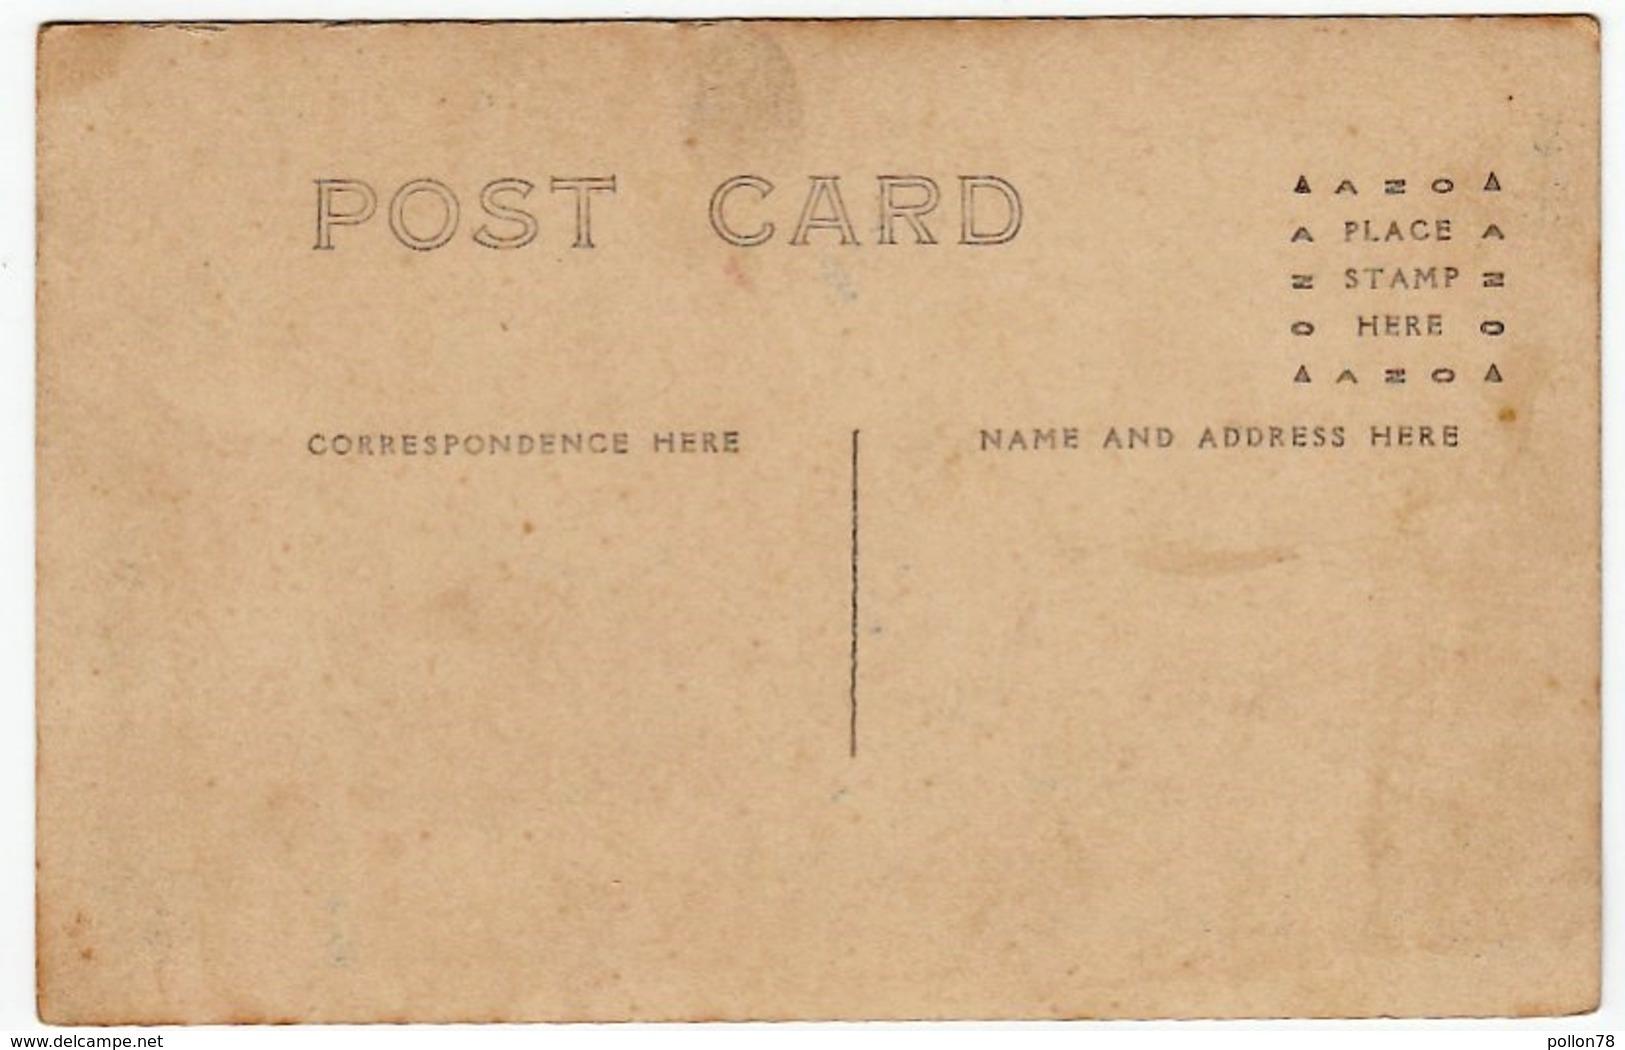 FOTOGRAFIA - PERSONE SU AUTOMOBILE - SAN FRANCISCO - 1915? - Vedi Retro - Automobili